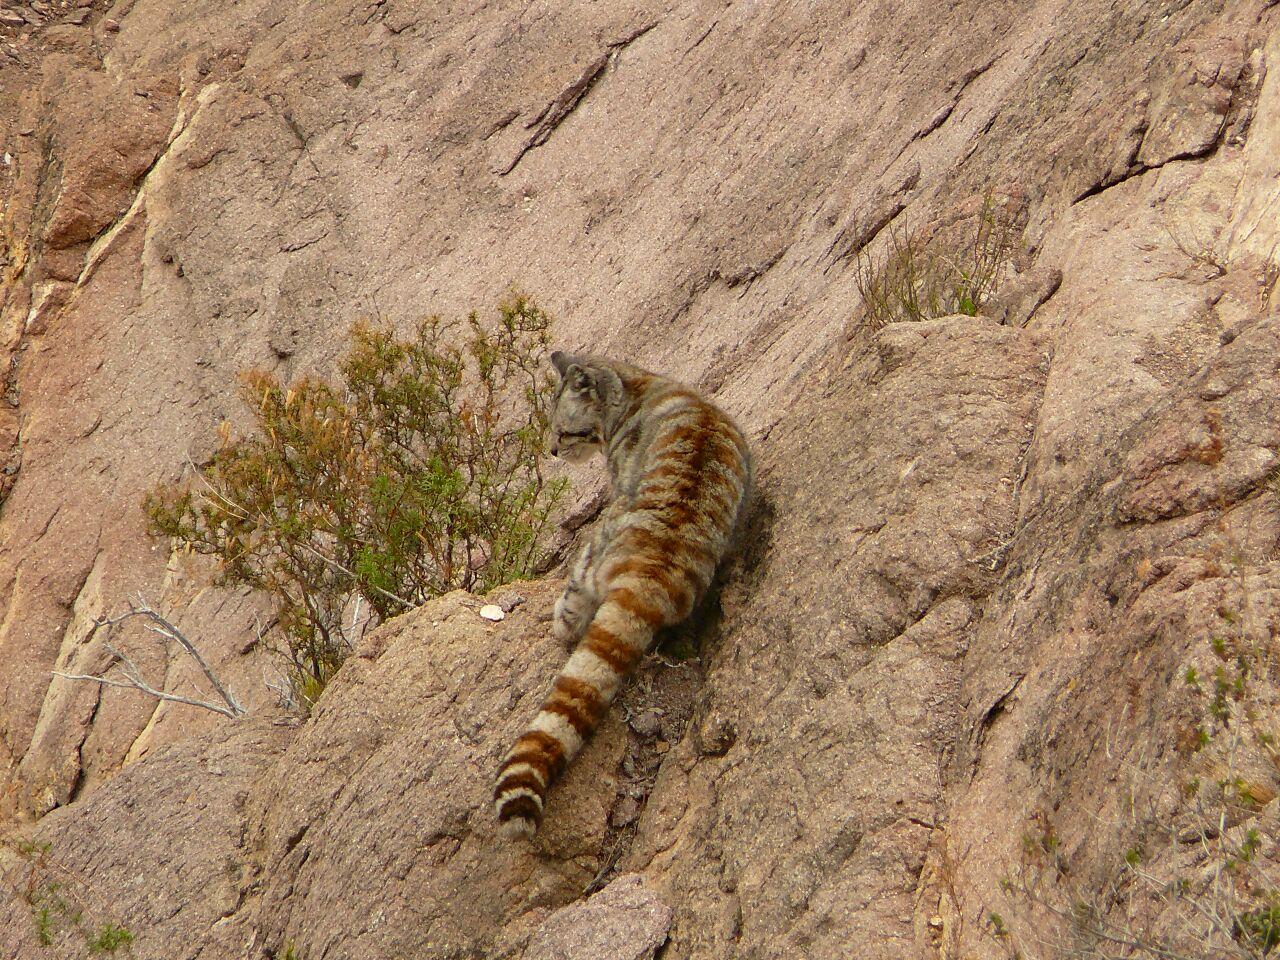 Avistaron y fotografiaron un gato andino en Los Reyunos